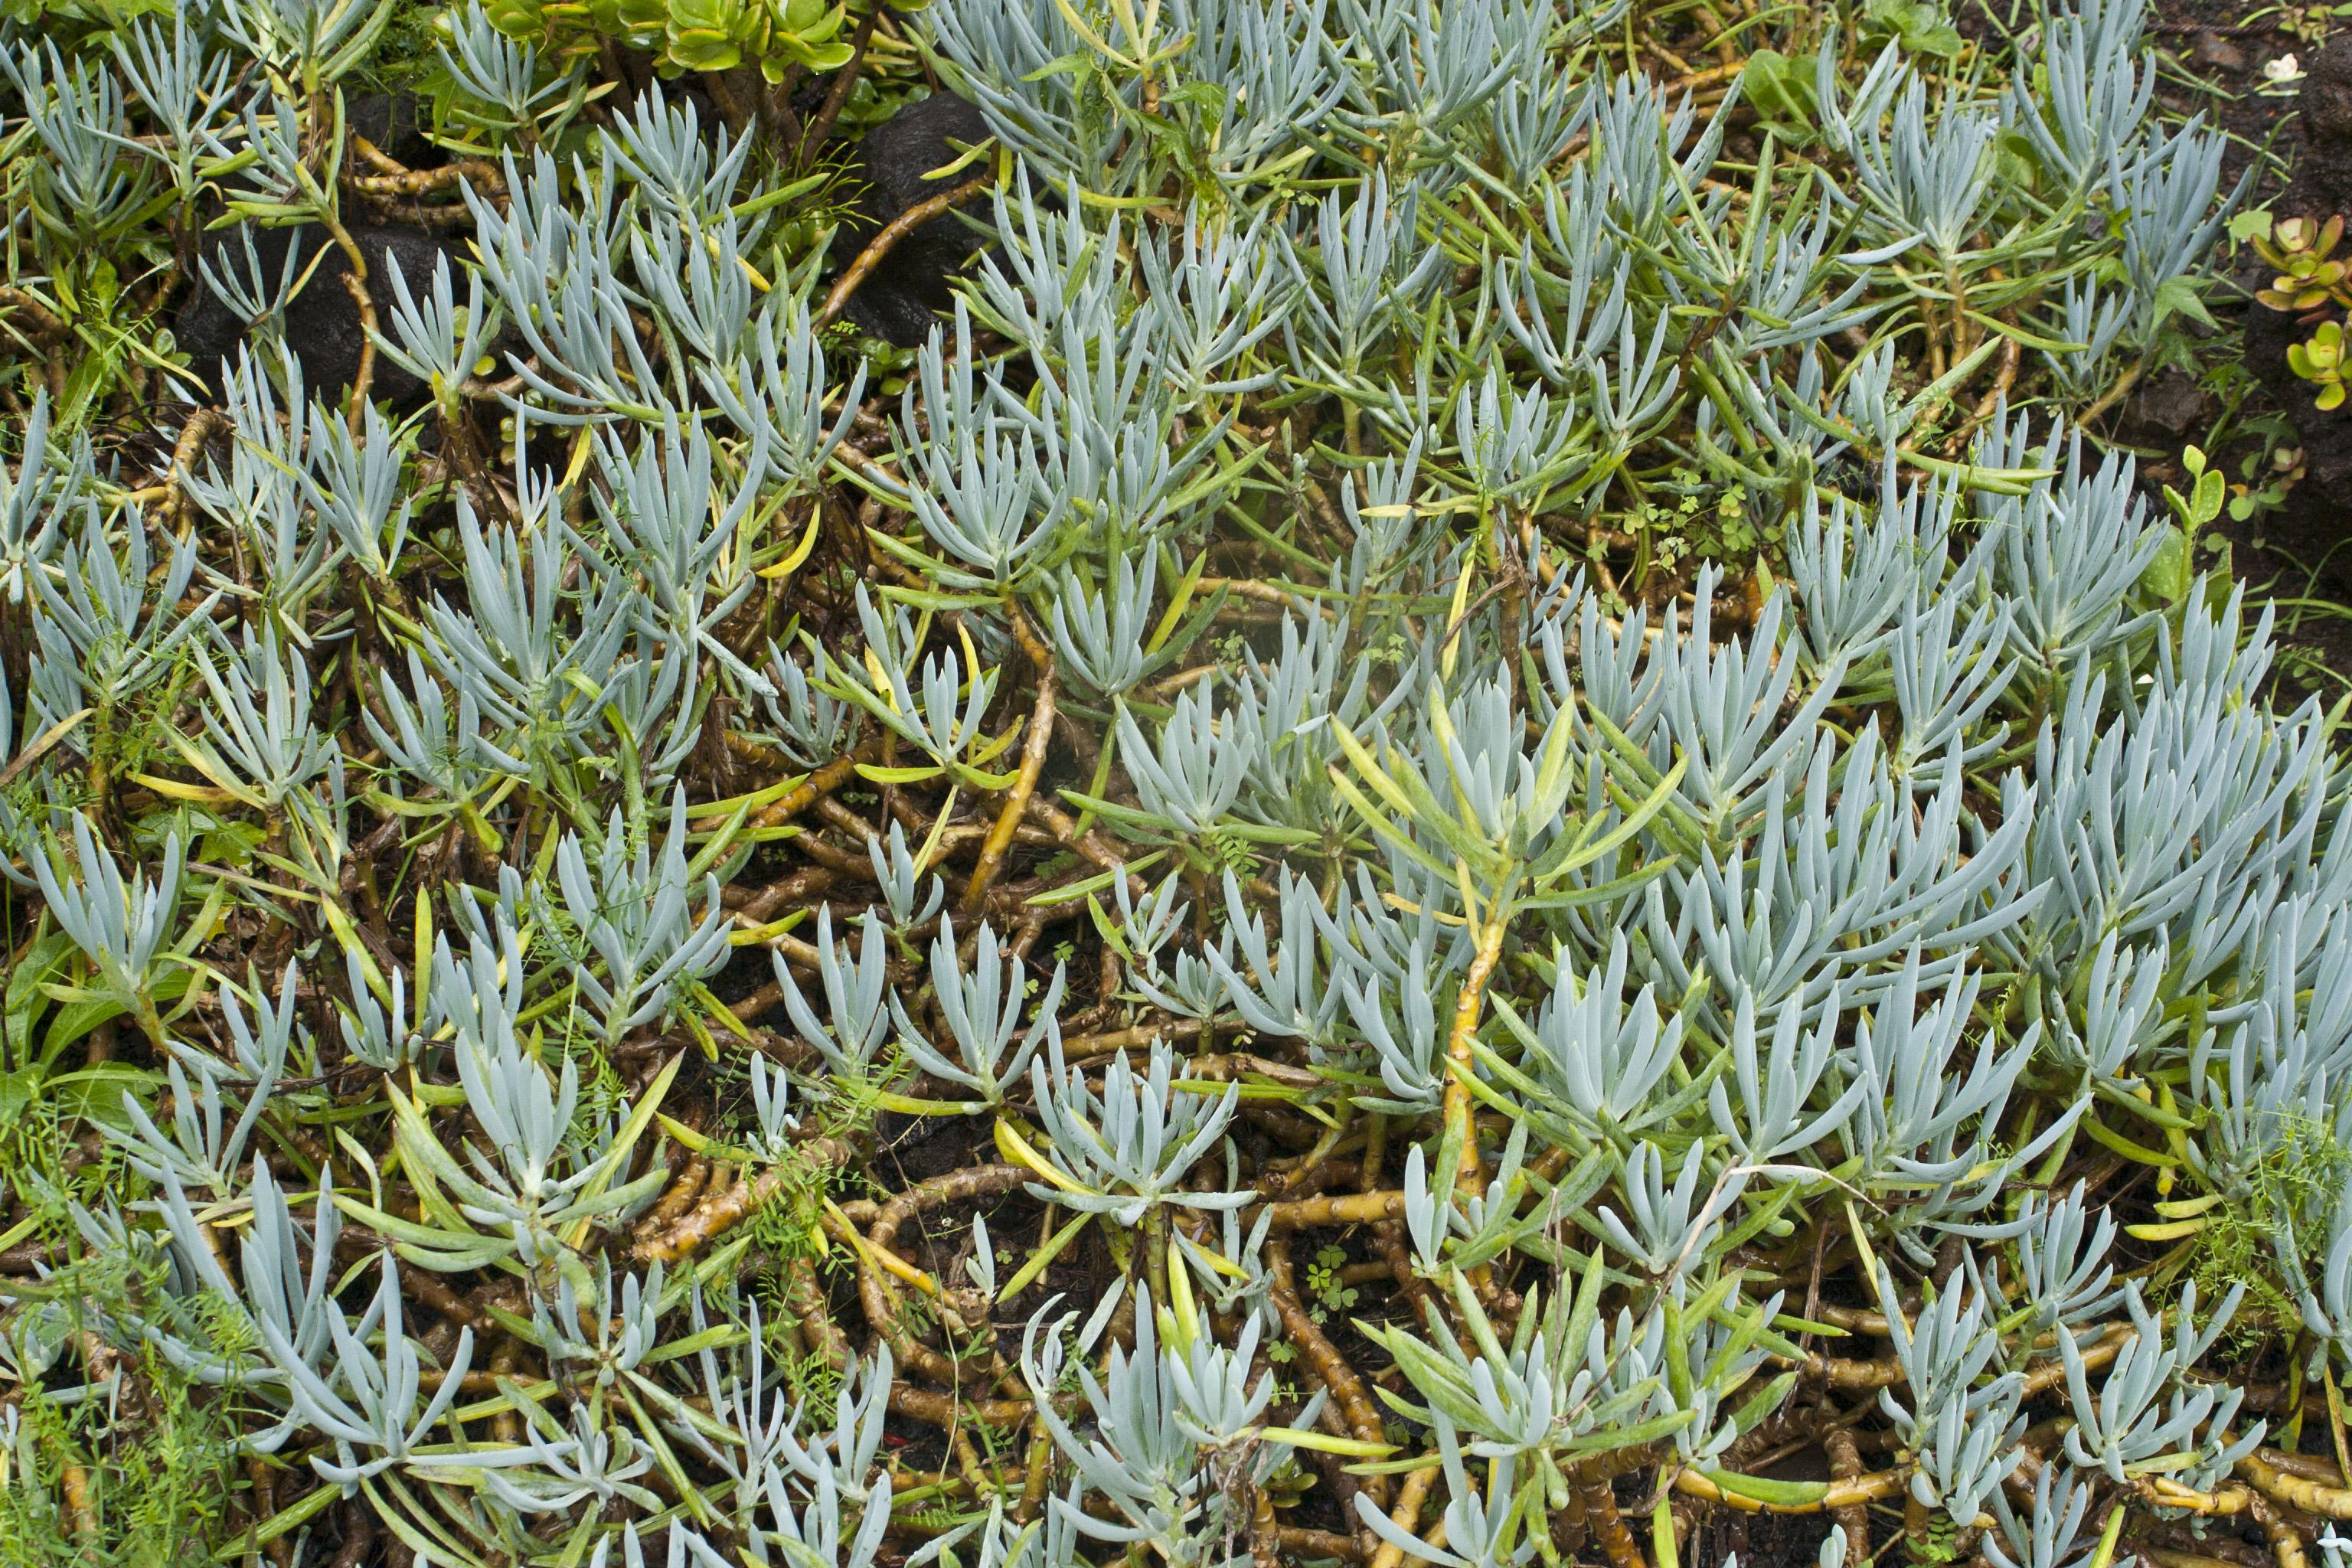 jardim plantas suculentasDe Plantas Suculentas